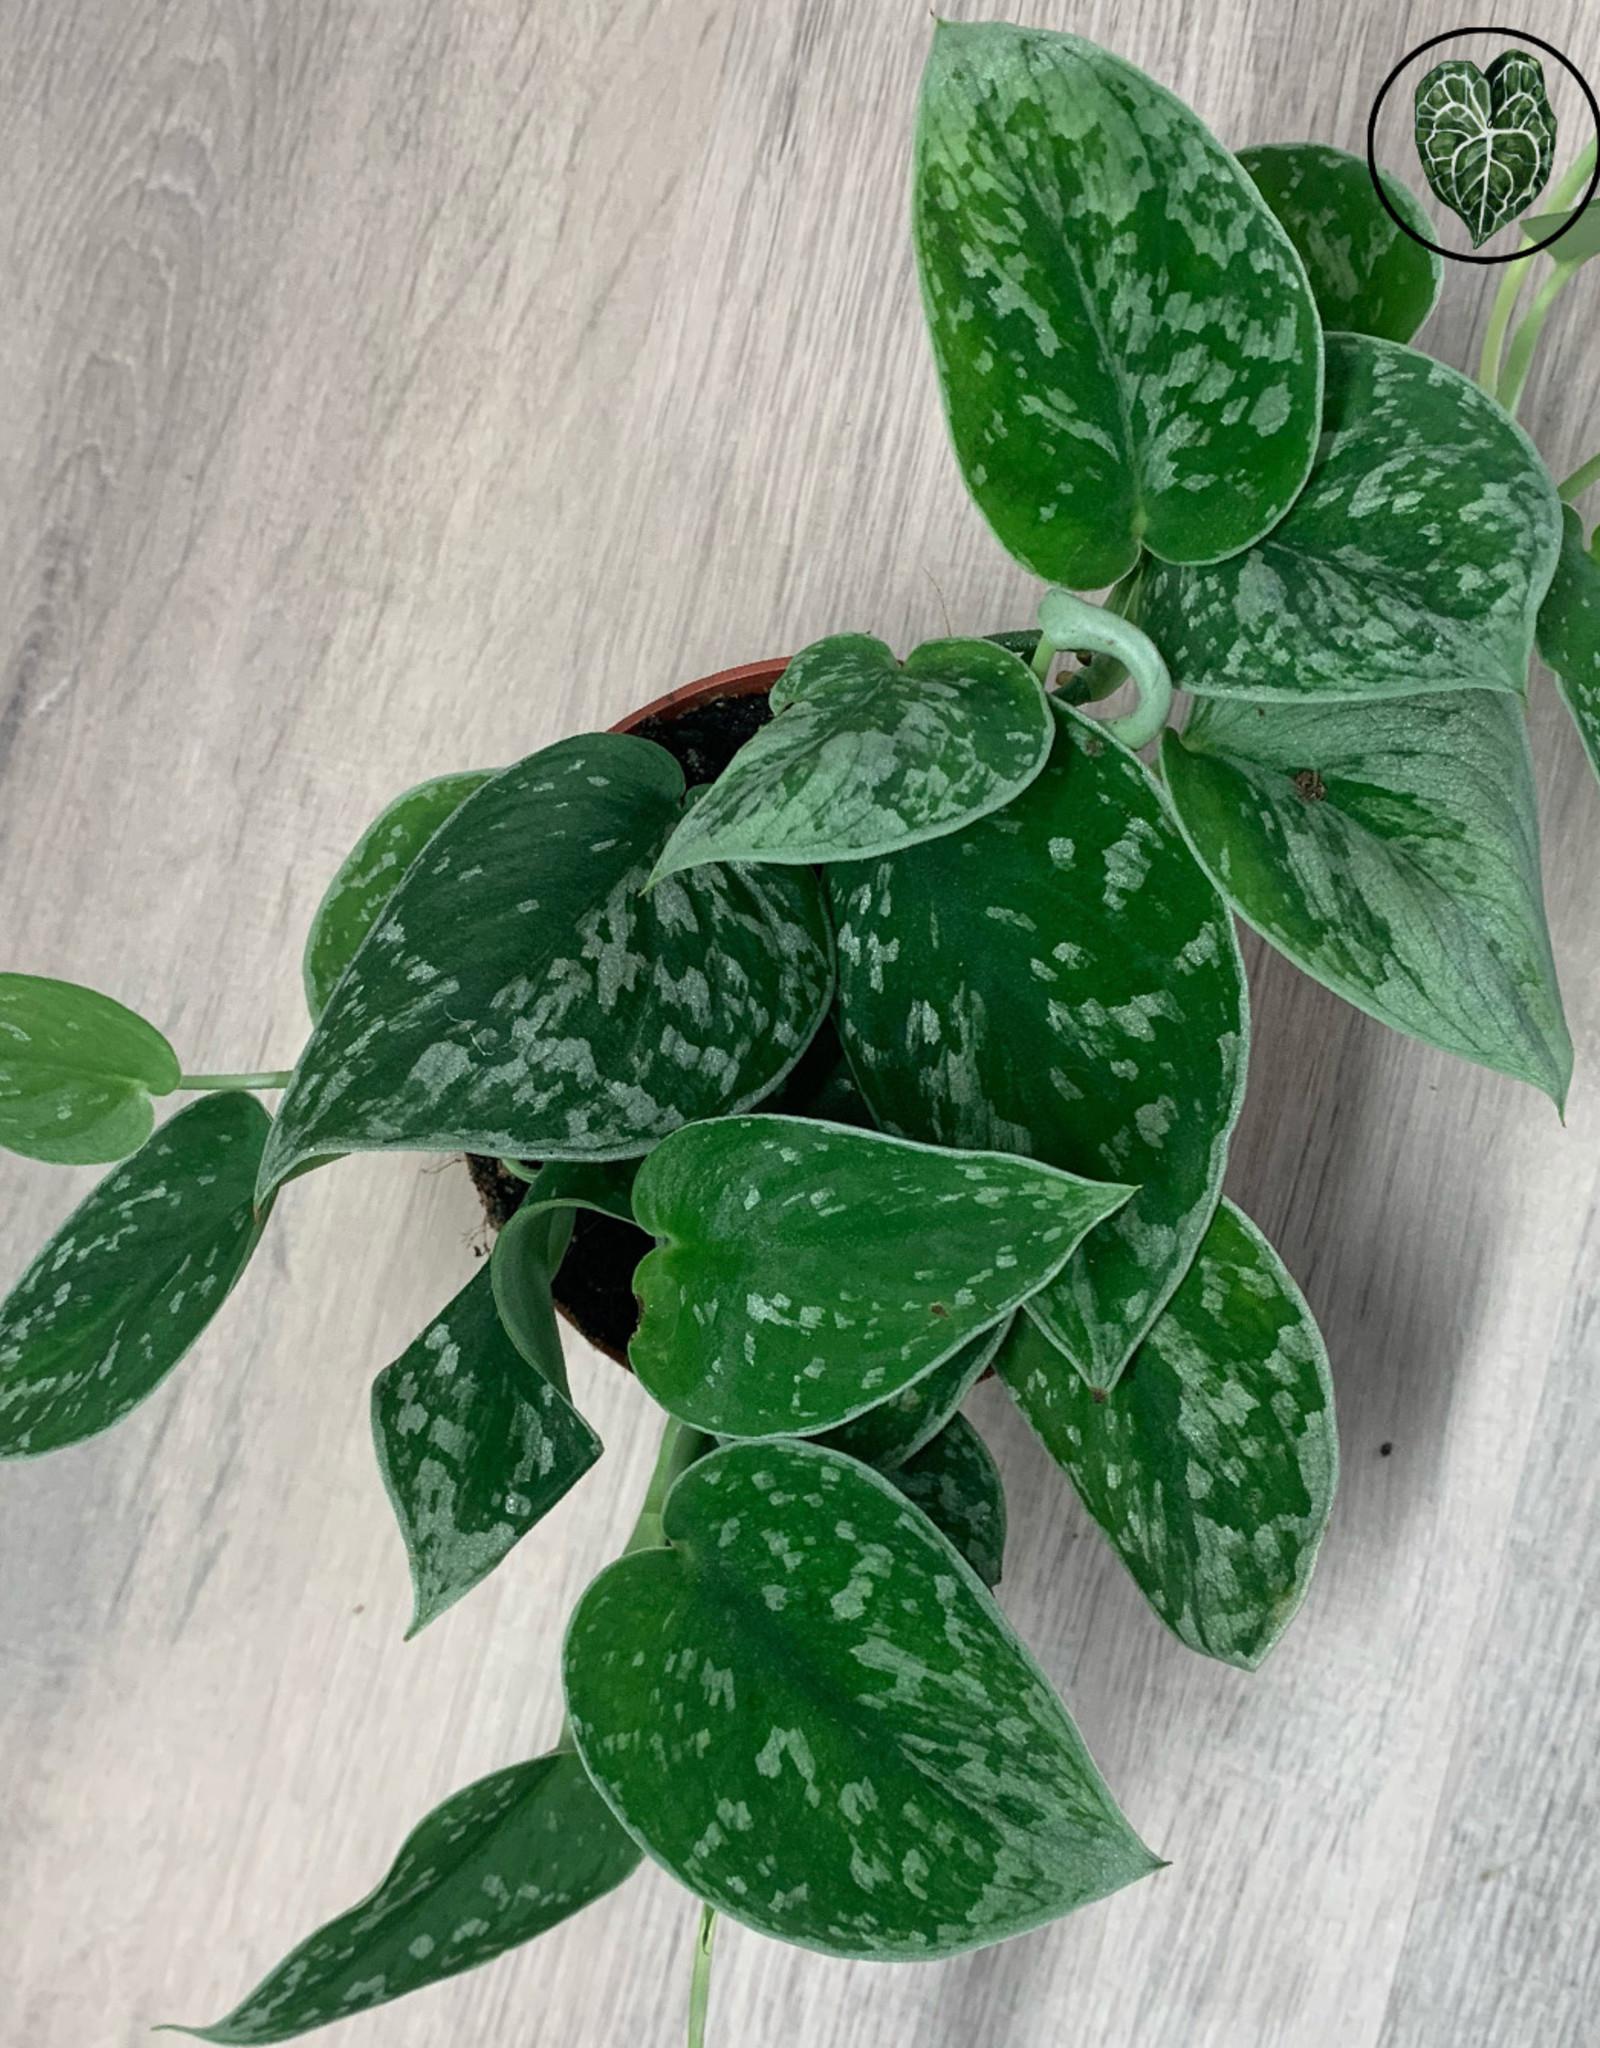 Scindapsus & Epipremnum Scindapsus (Epipremnum) Pictus